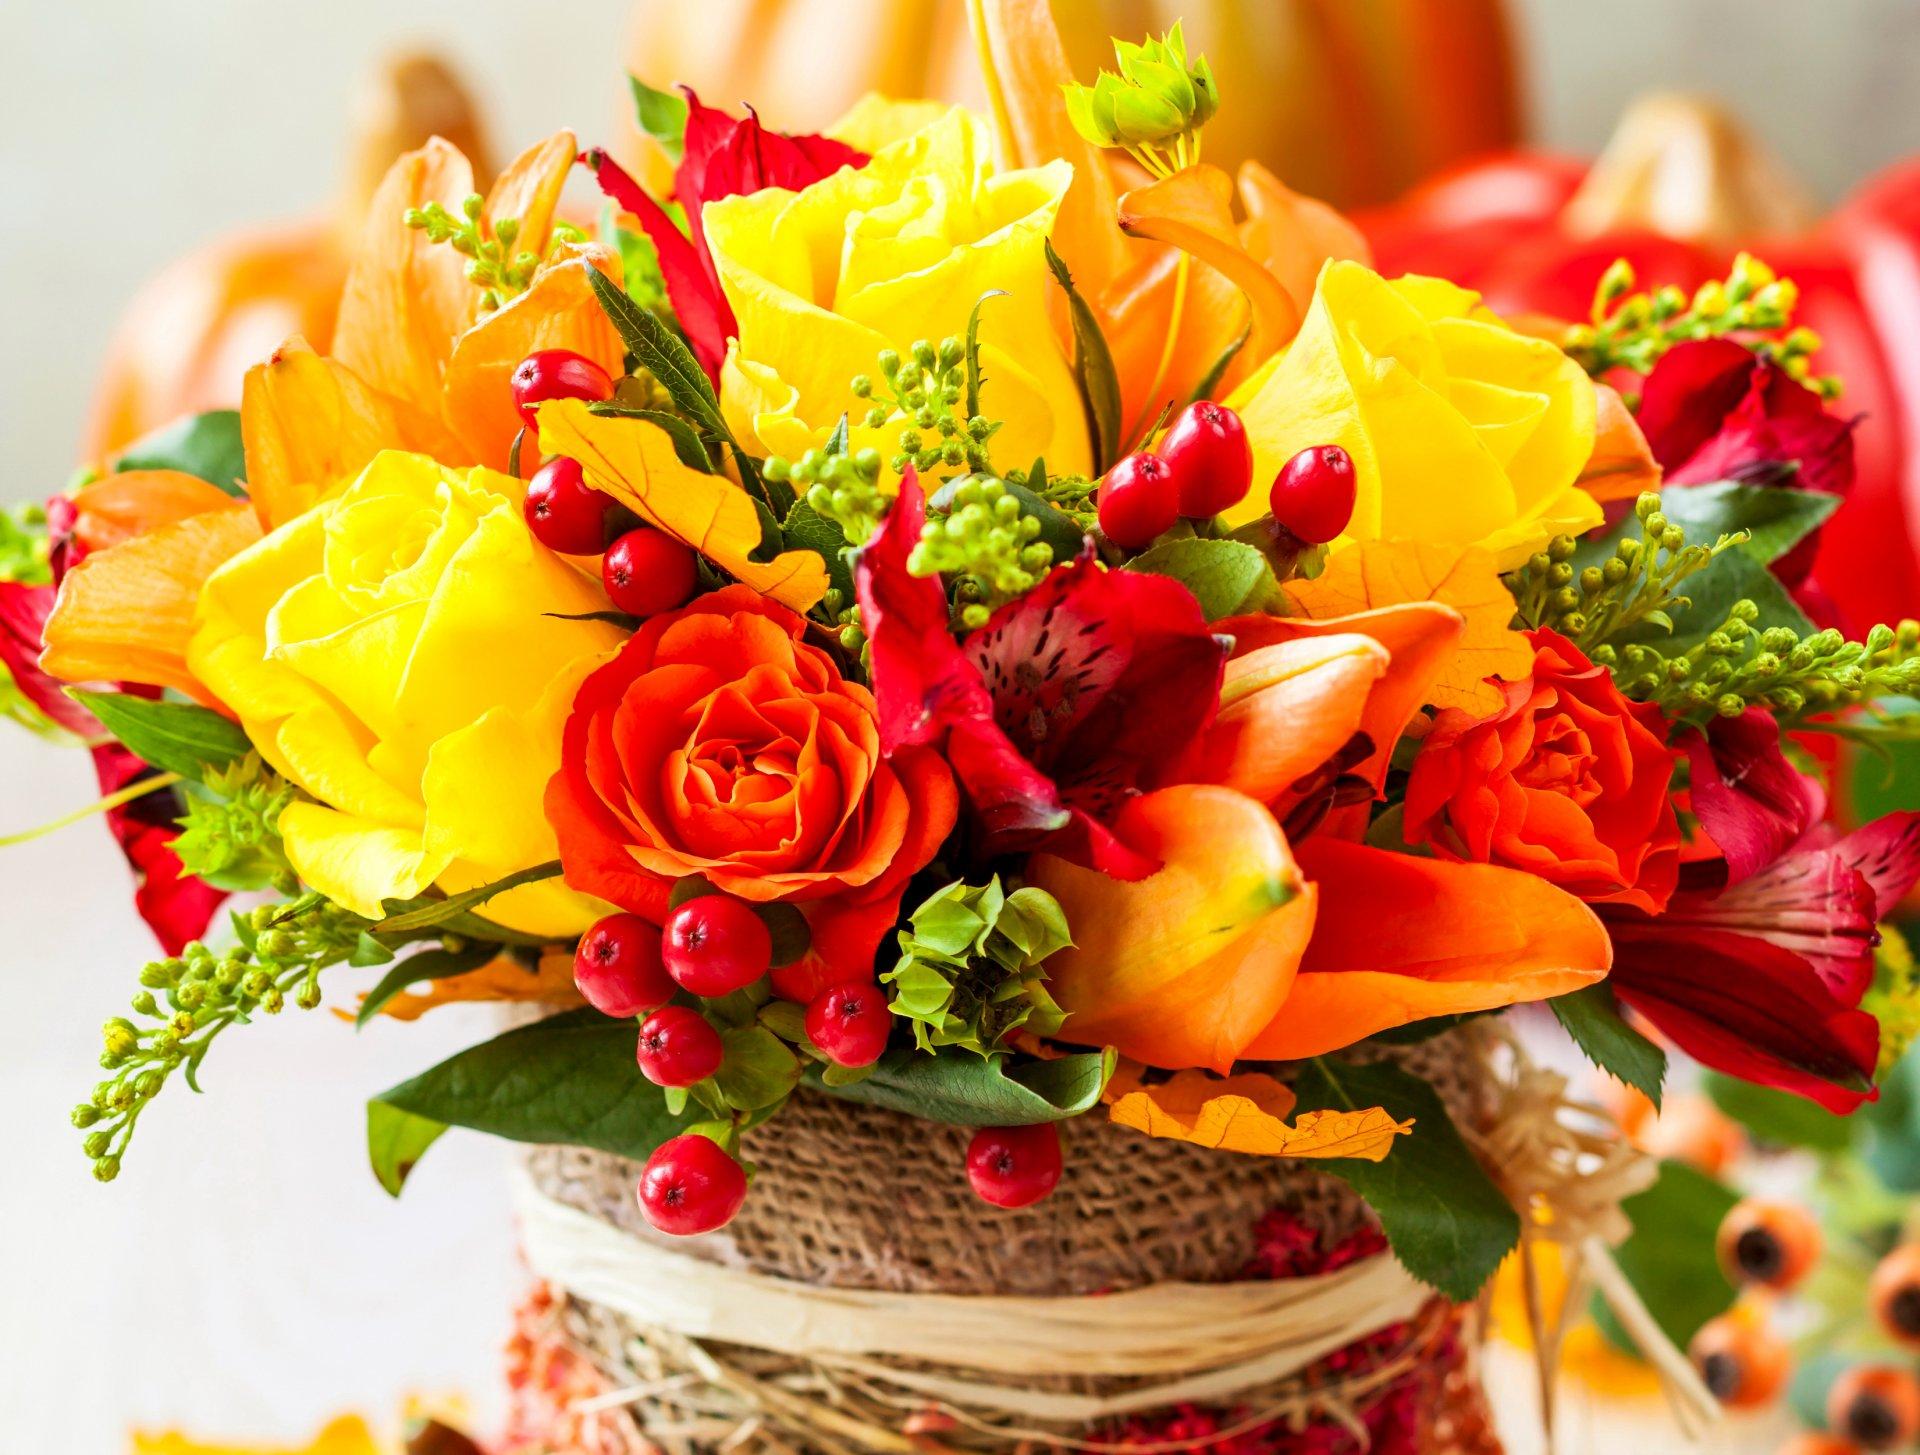 Фото к дню рождения цветы